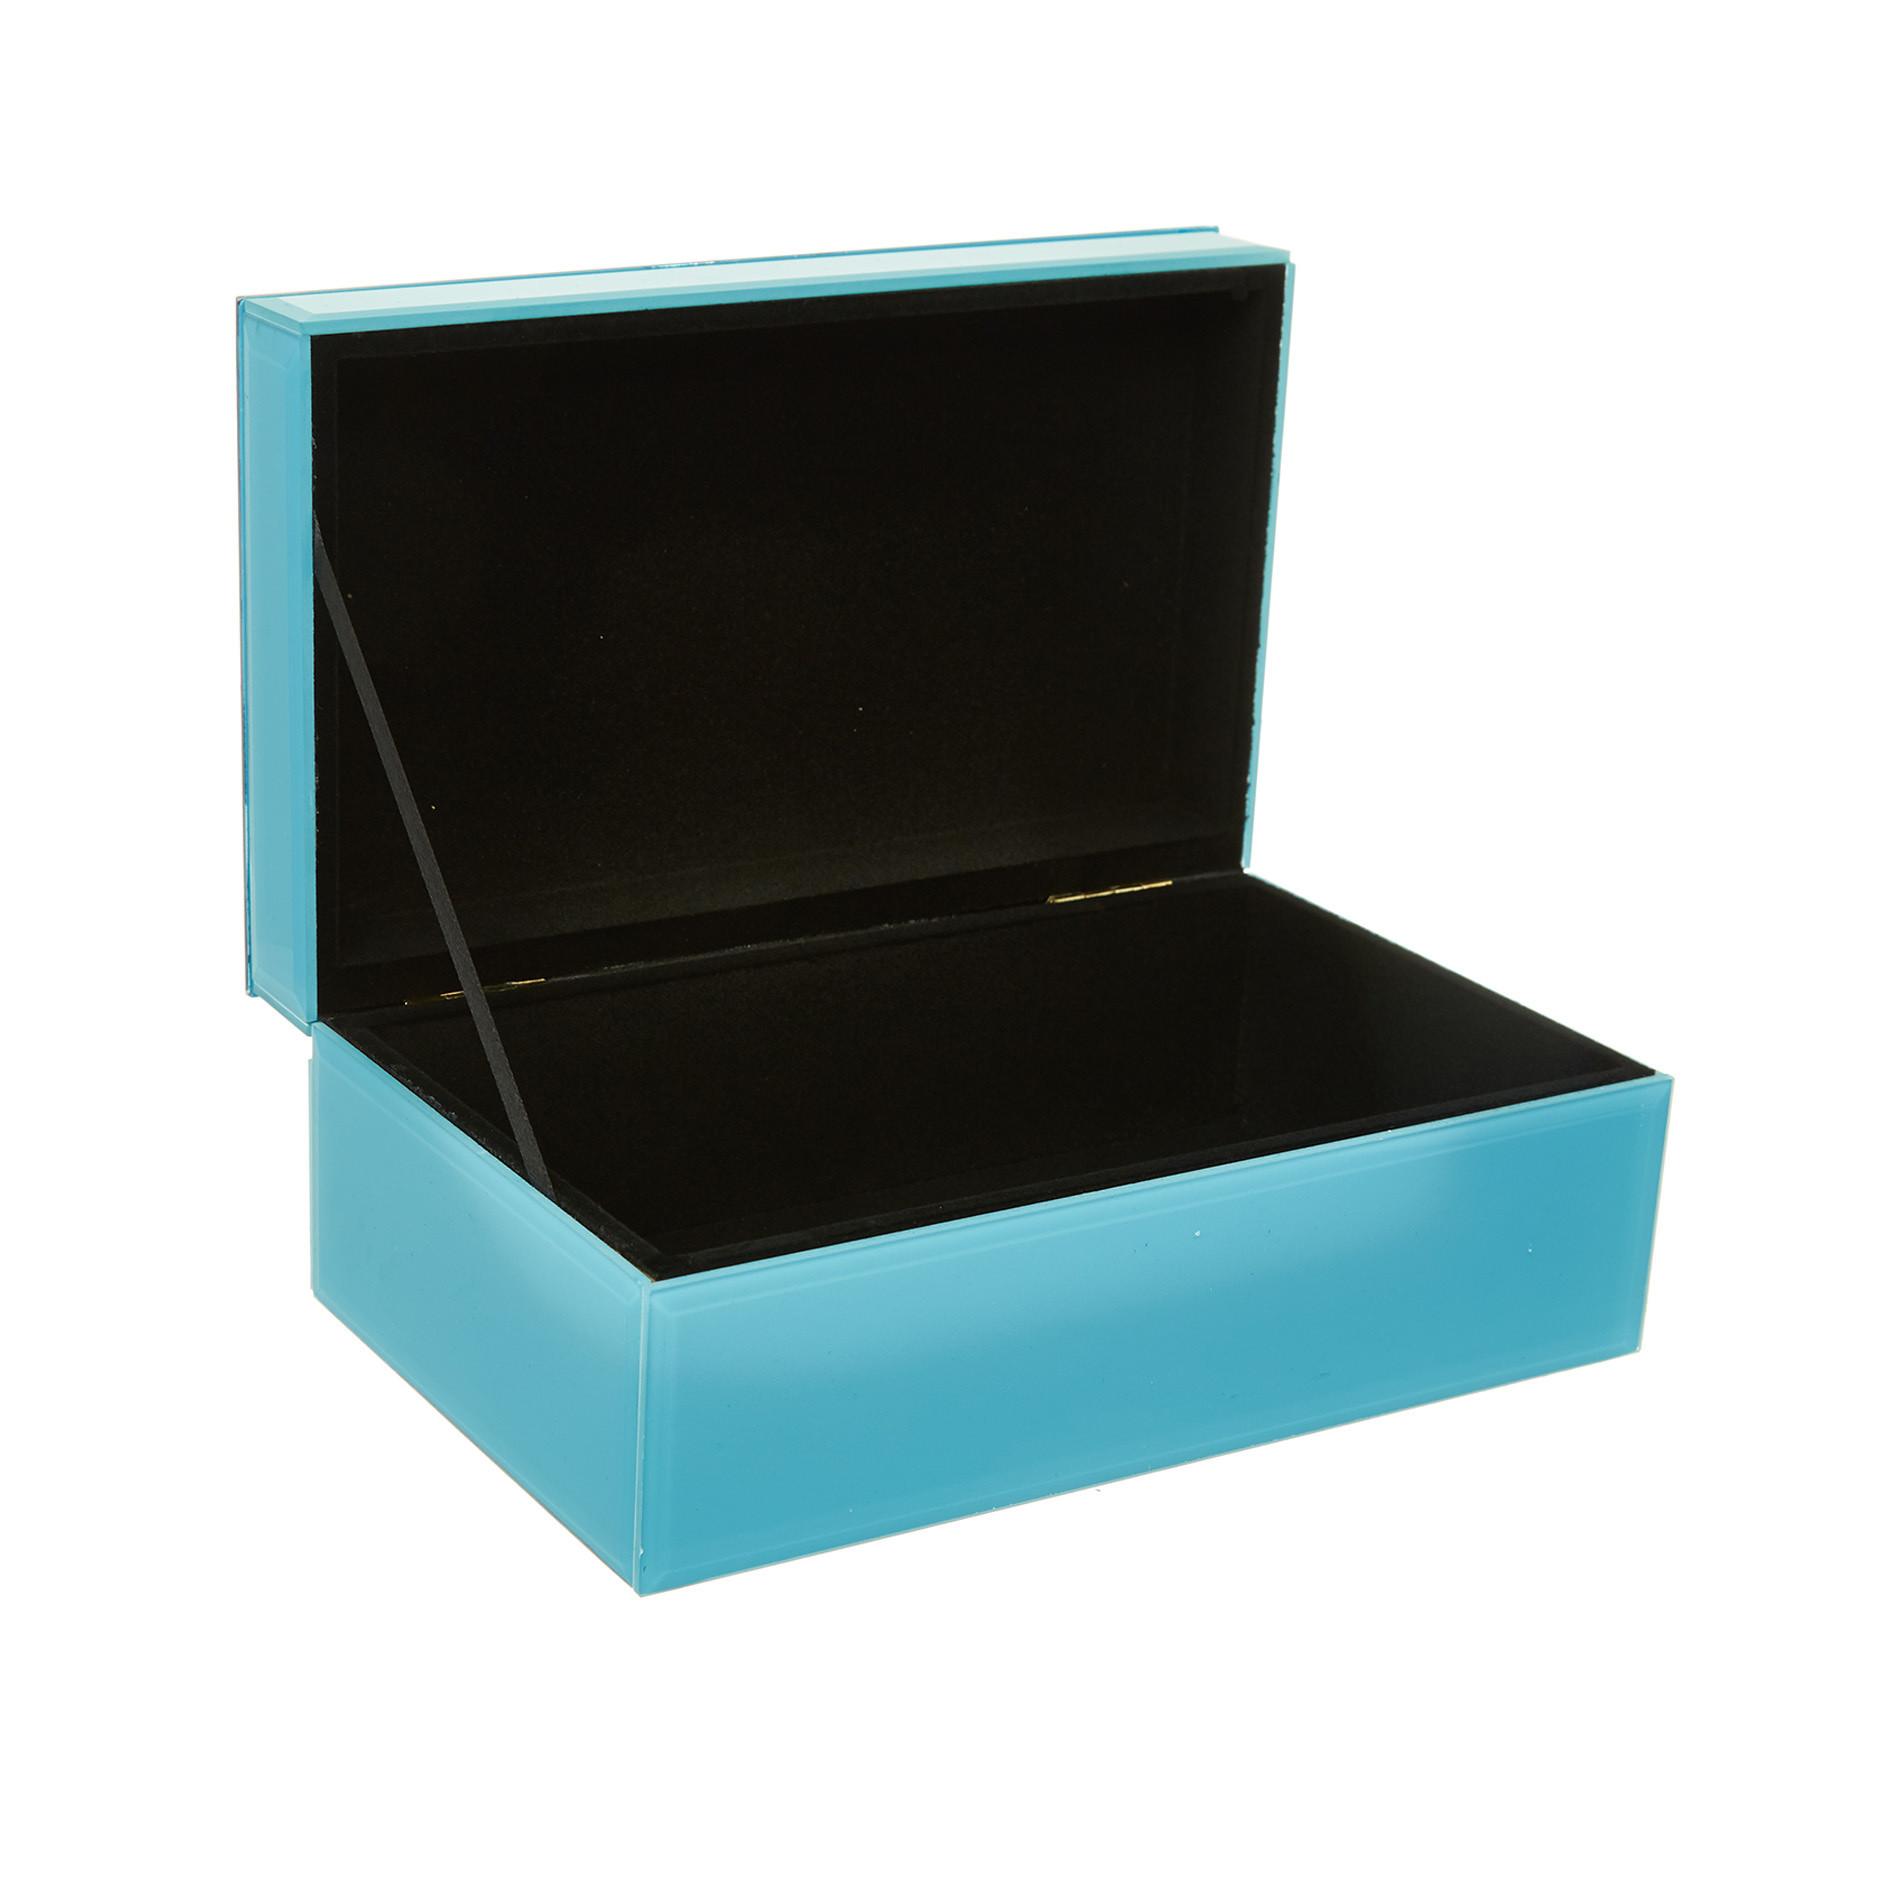 Portagioie vetro motivo occhiali, Azzurro, large image number 1